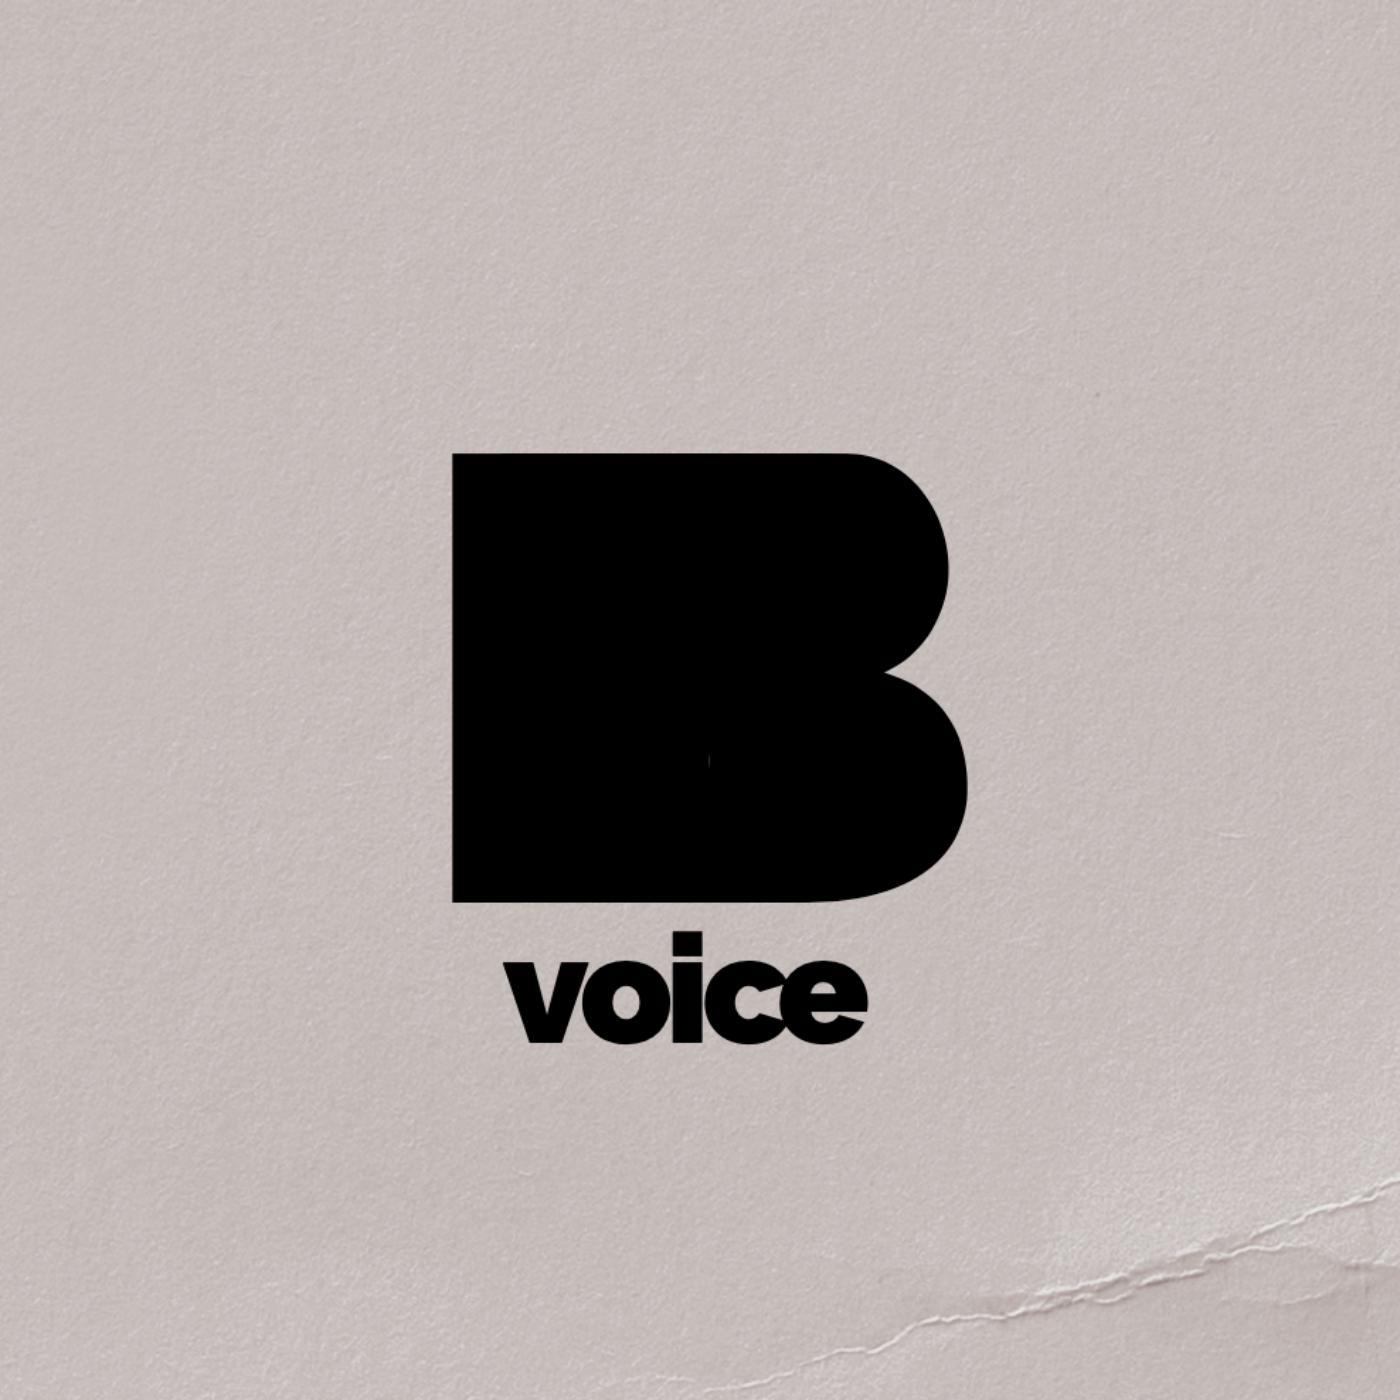 Bvoice 品牌的聲音